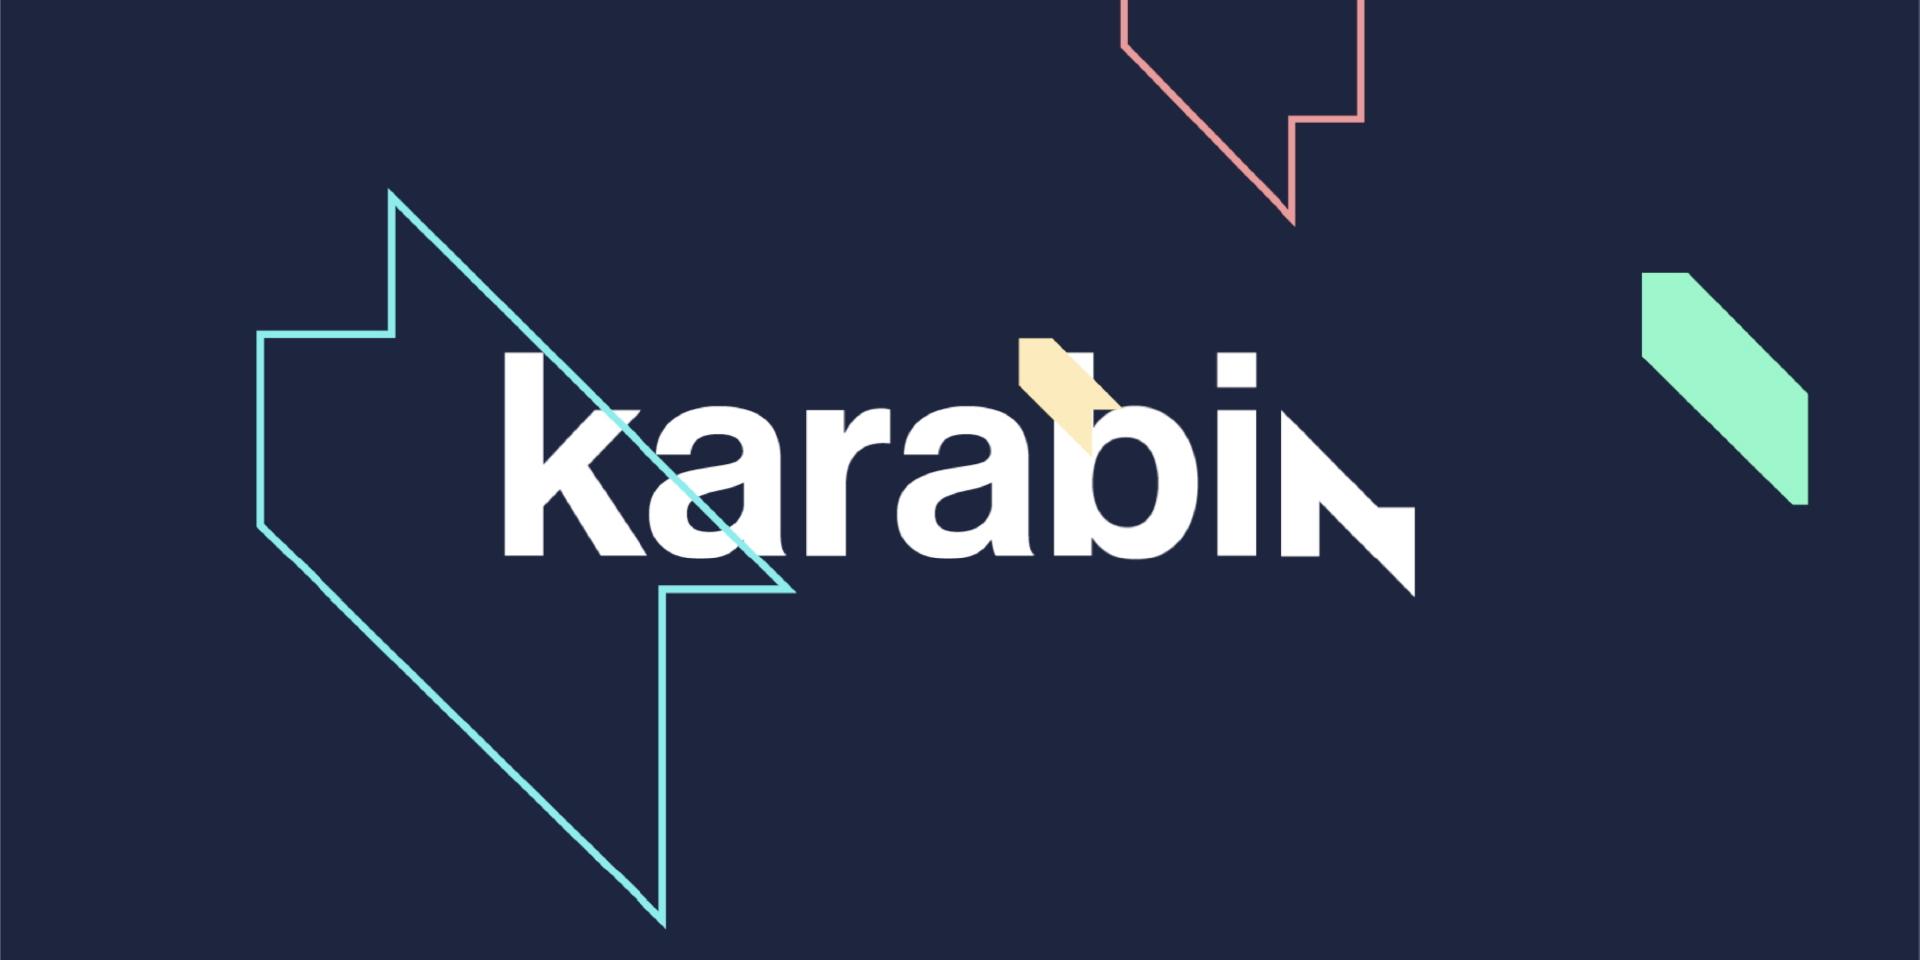 Karabin